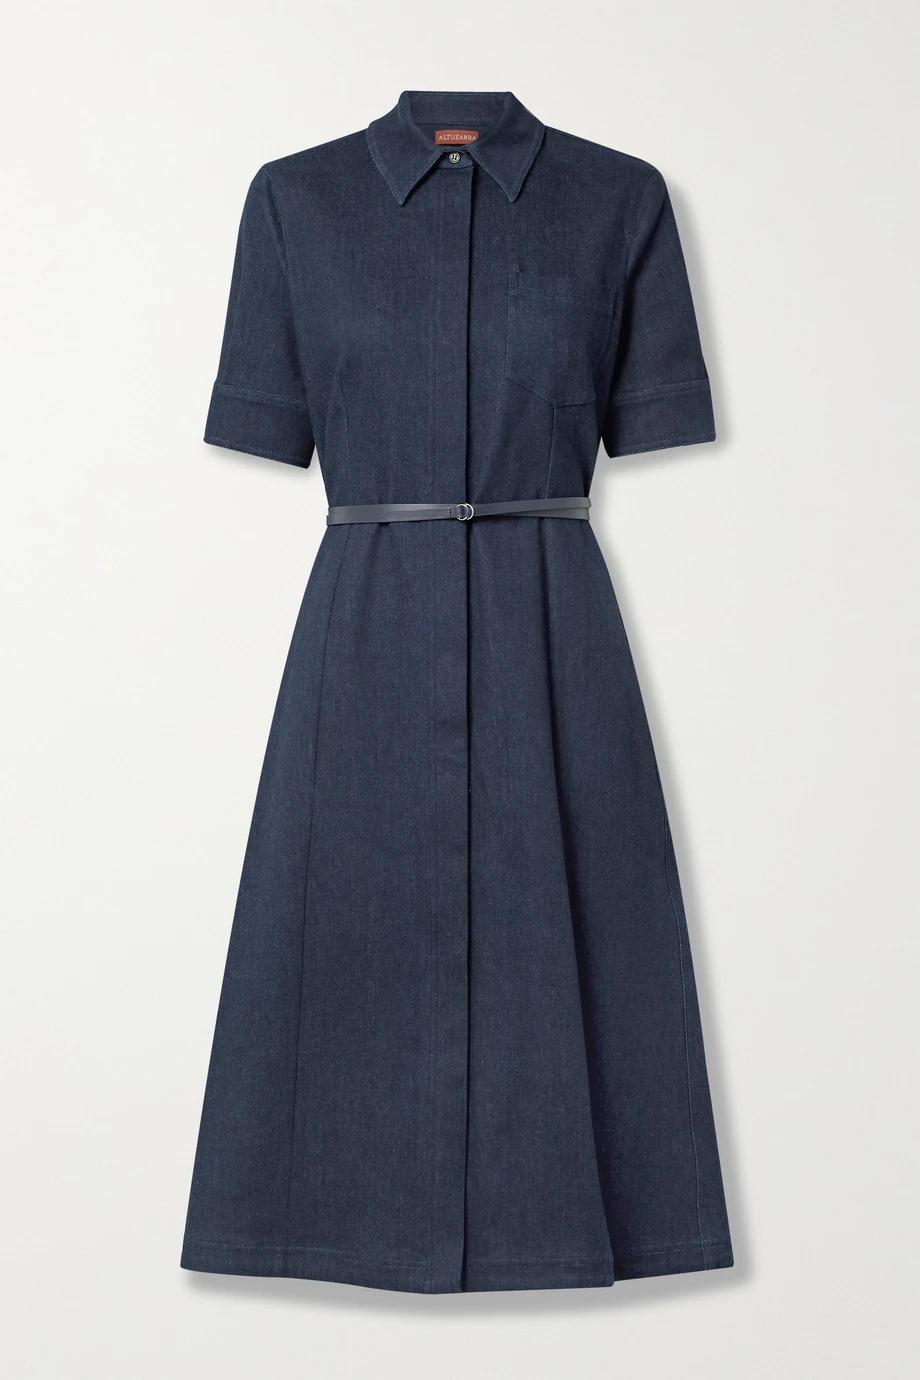 Altuzarra traper haljina proljeće 2021.